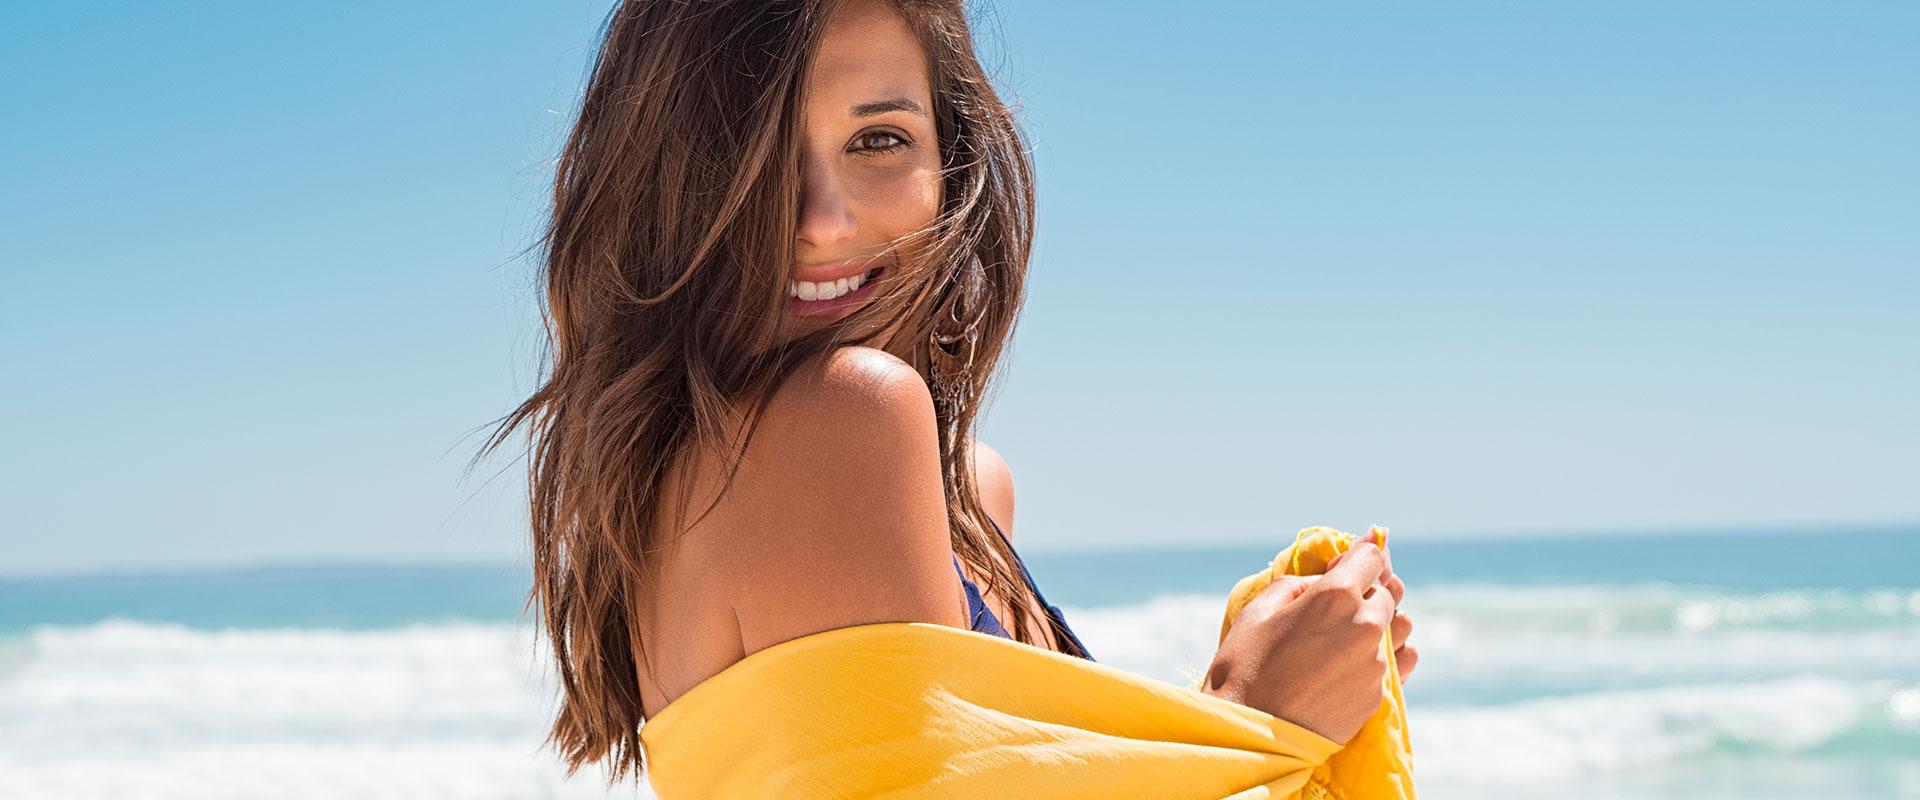 Mujer feliz con look de playa.